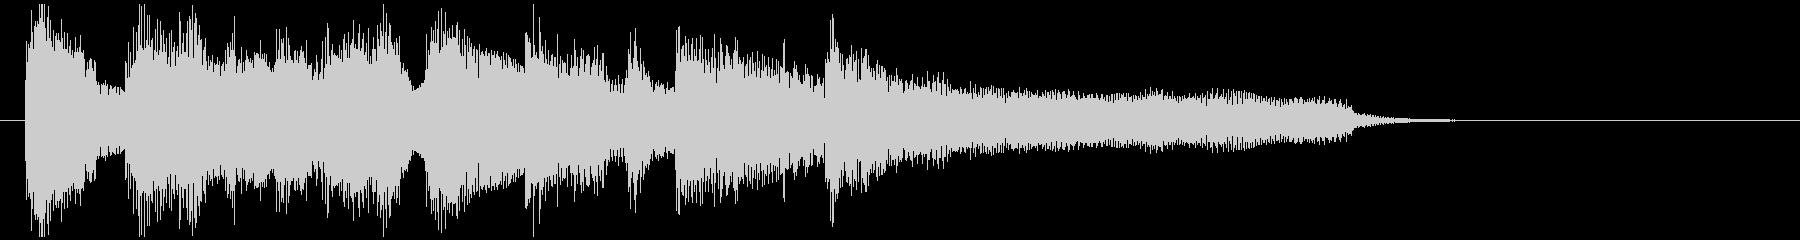 ジャズボッサのジングル、スタイリッシュの未再生の波形